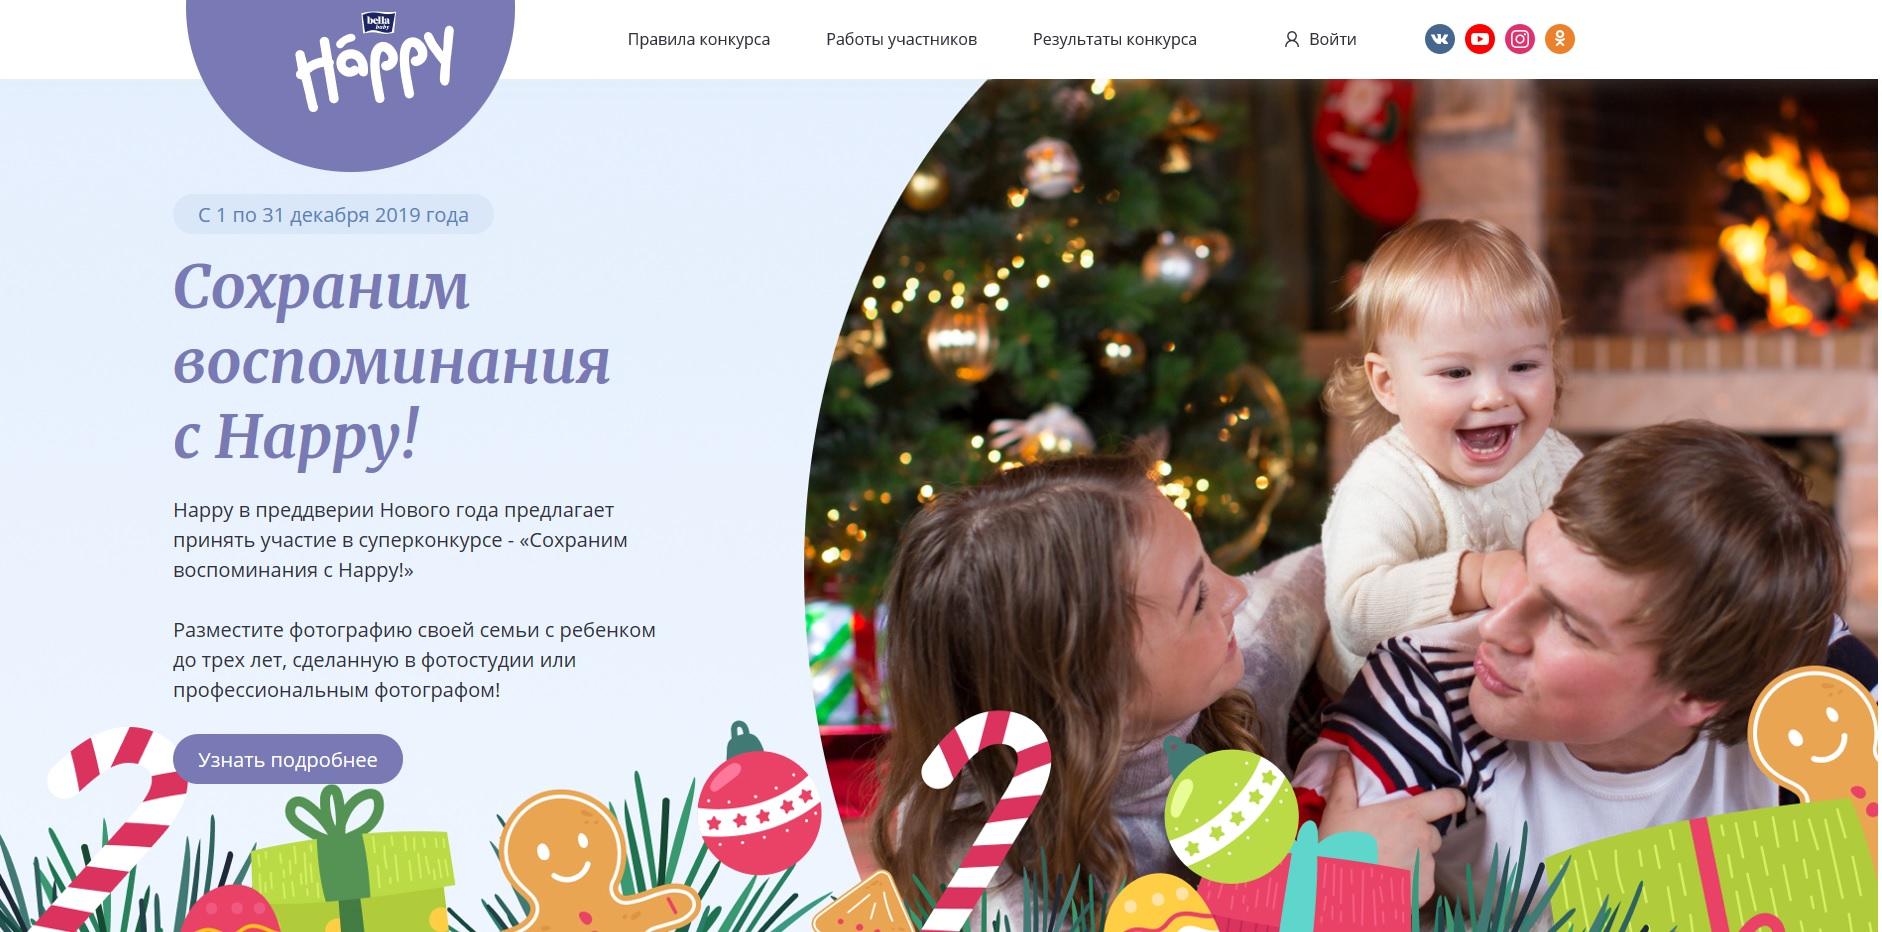 www.rastemvmeste.org регистрация промо кода в 2019 году